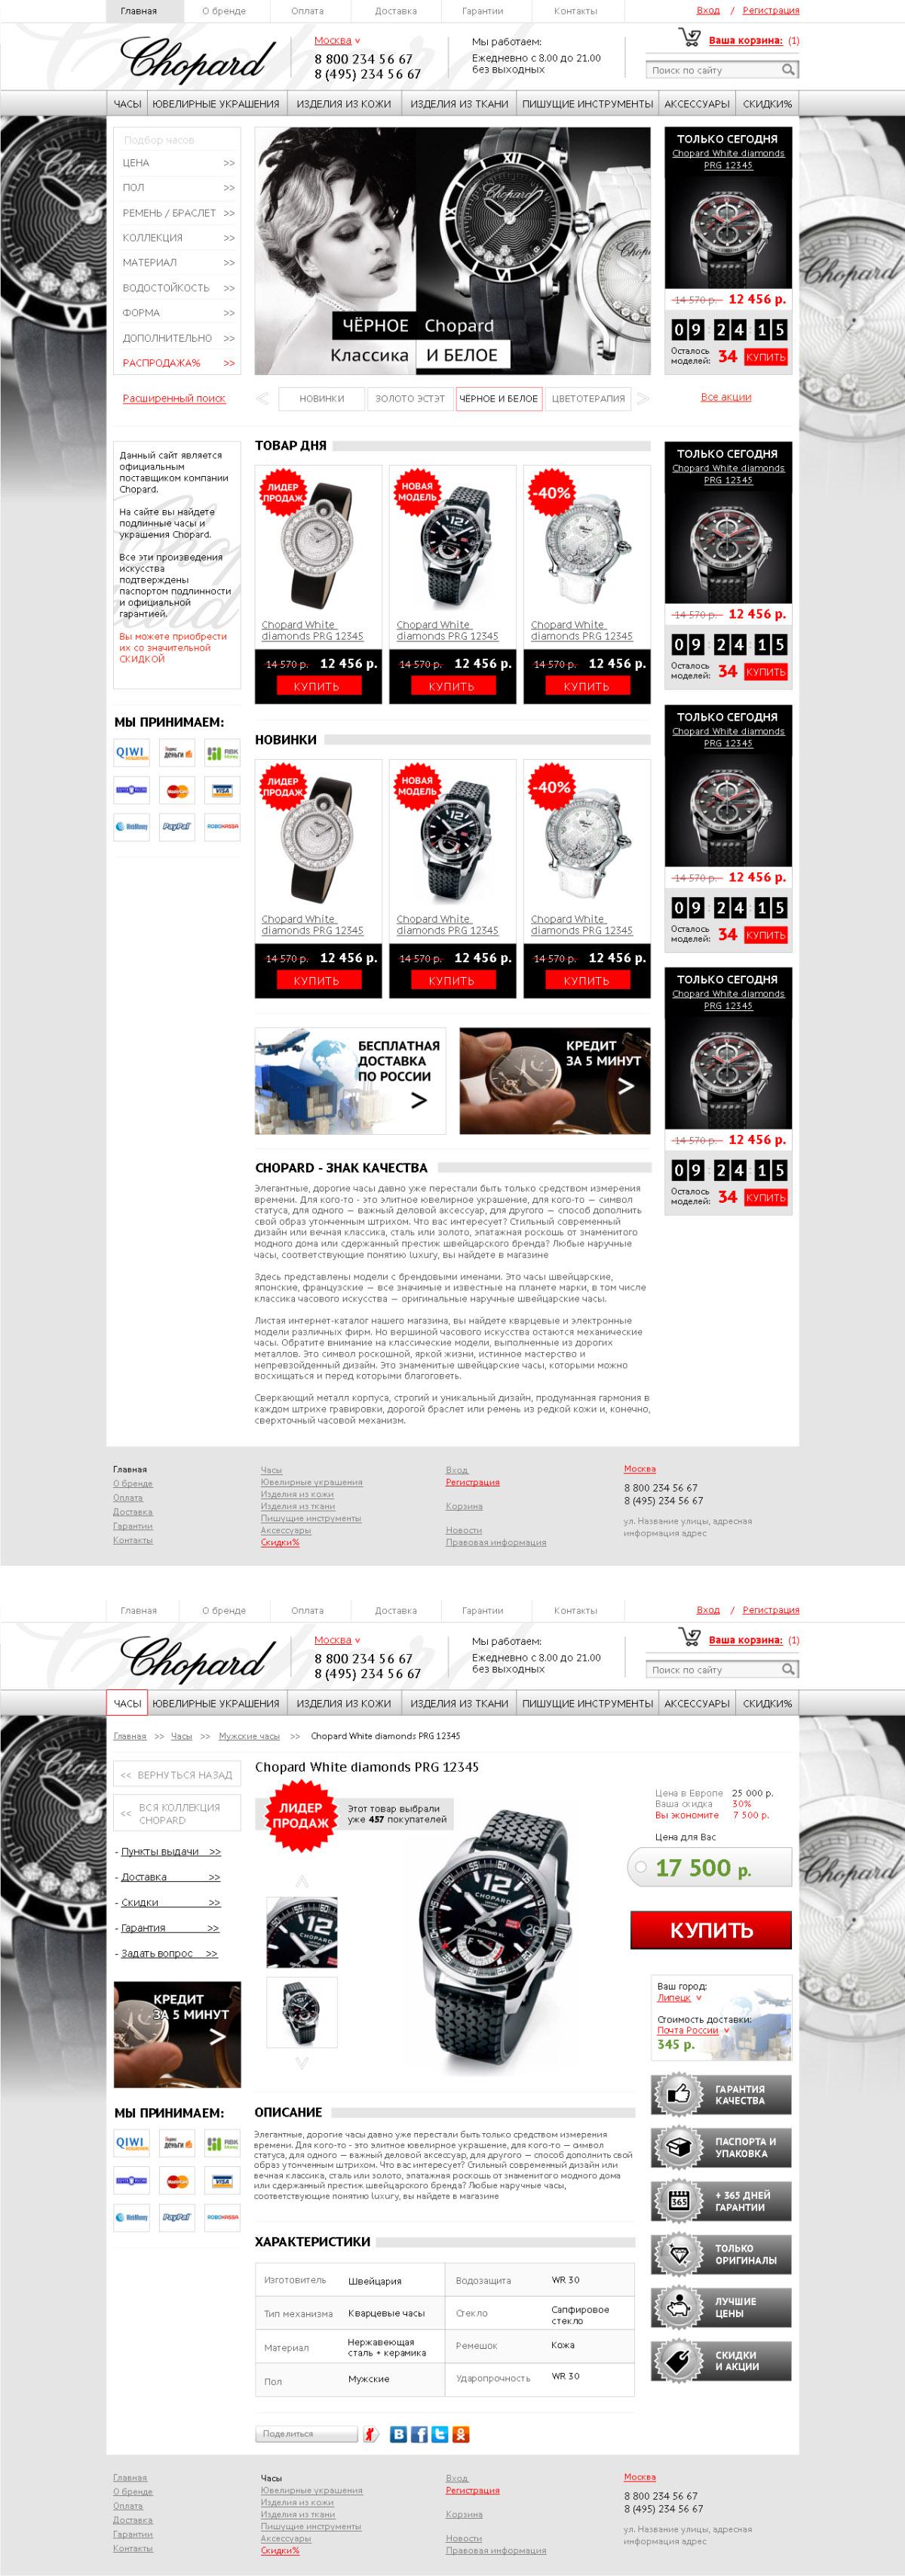 Chopard интернет-магазин фирменных часов и аксессуаров